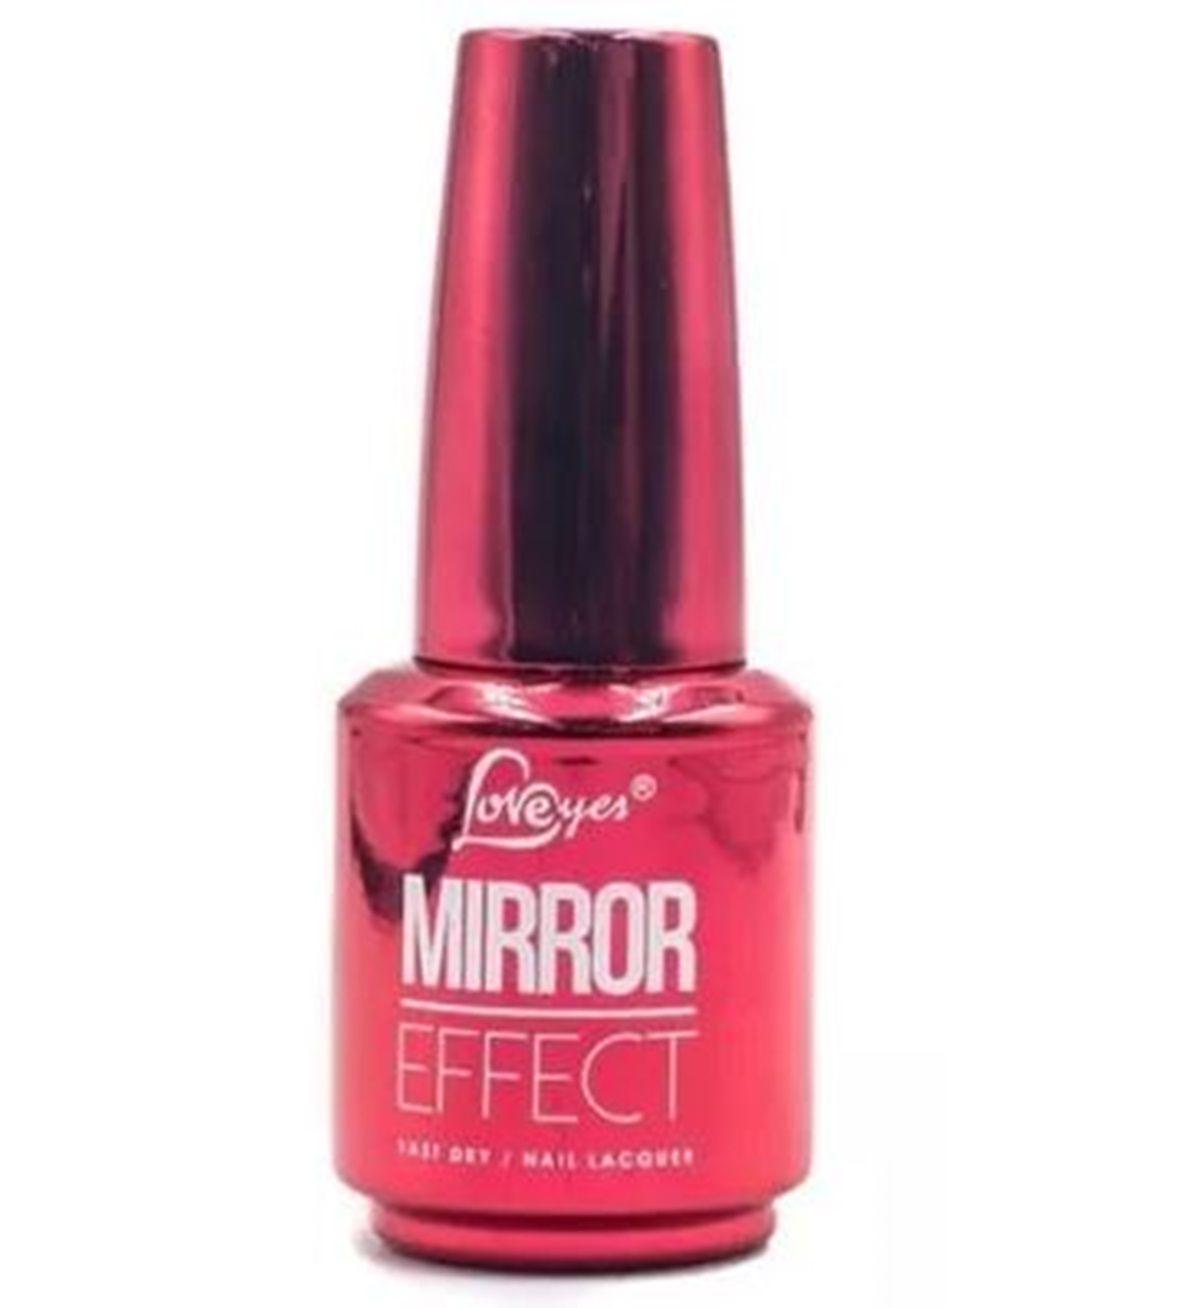 Esmalte Cromado Metalizado Royal Red 10 Mirror Effect Efeito Gel Love Yes